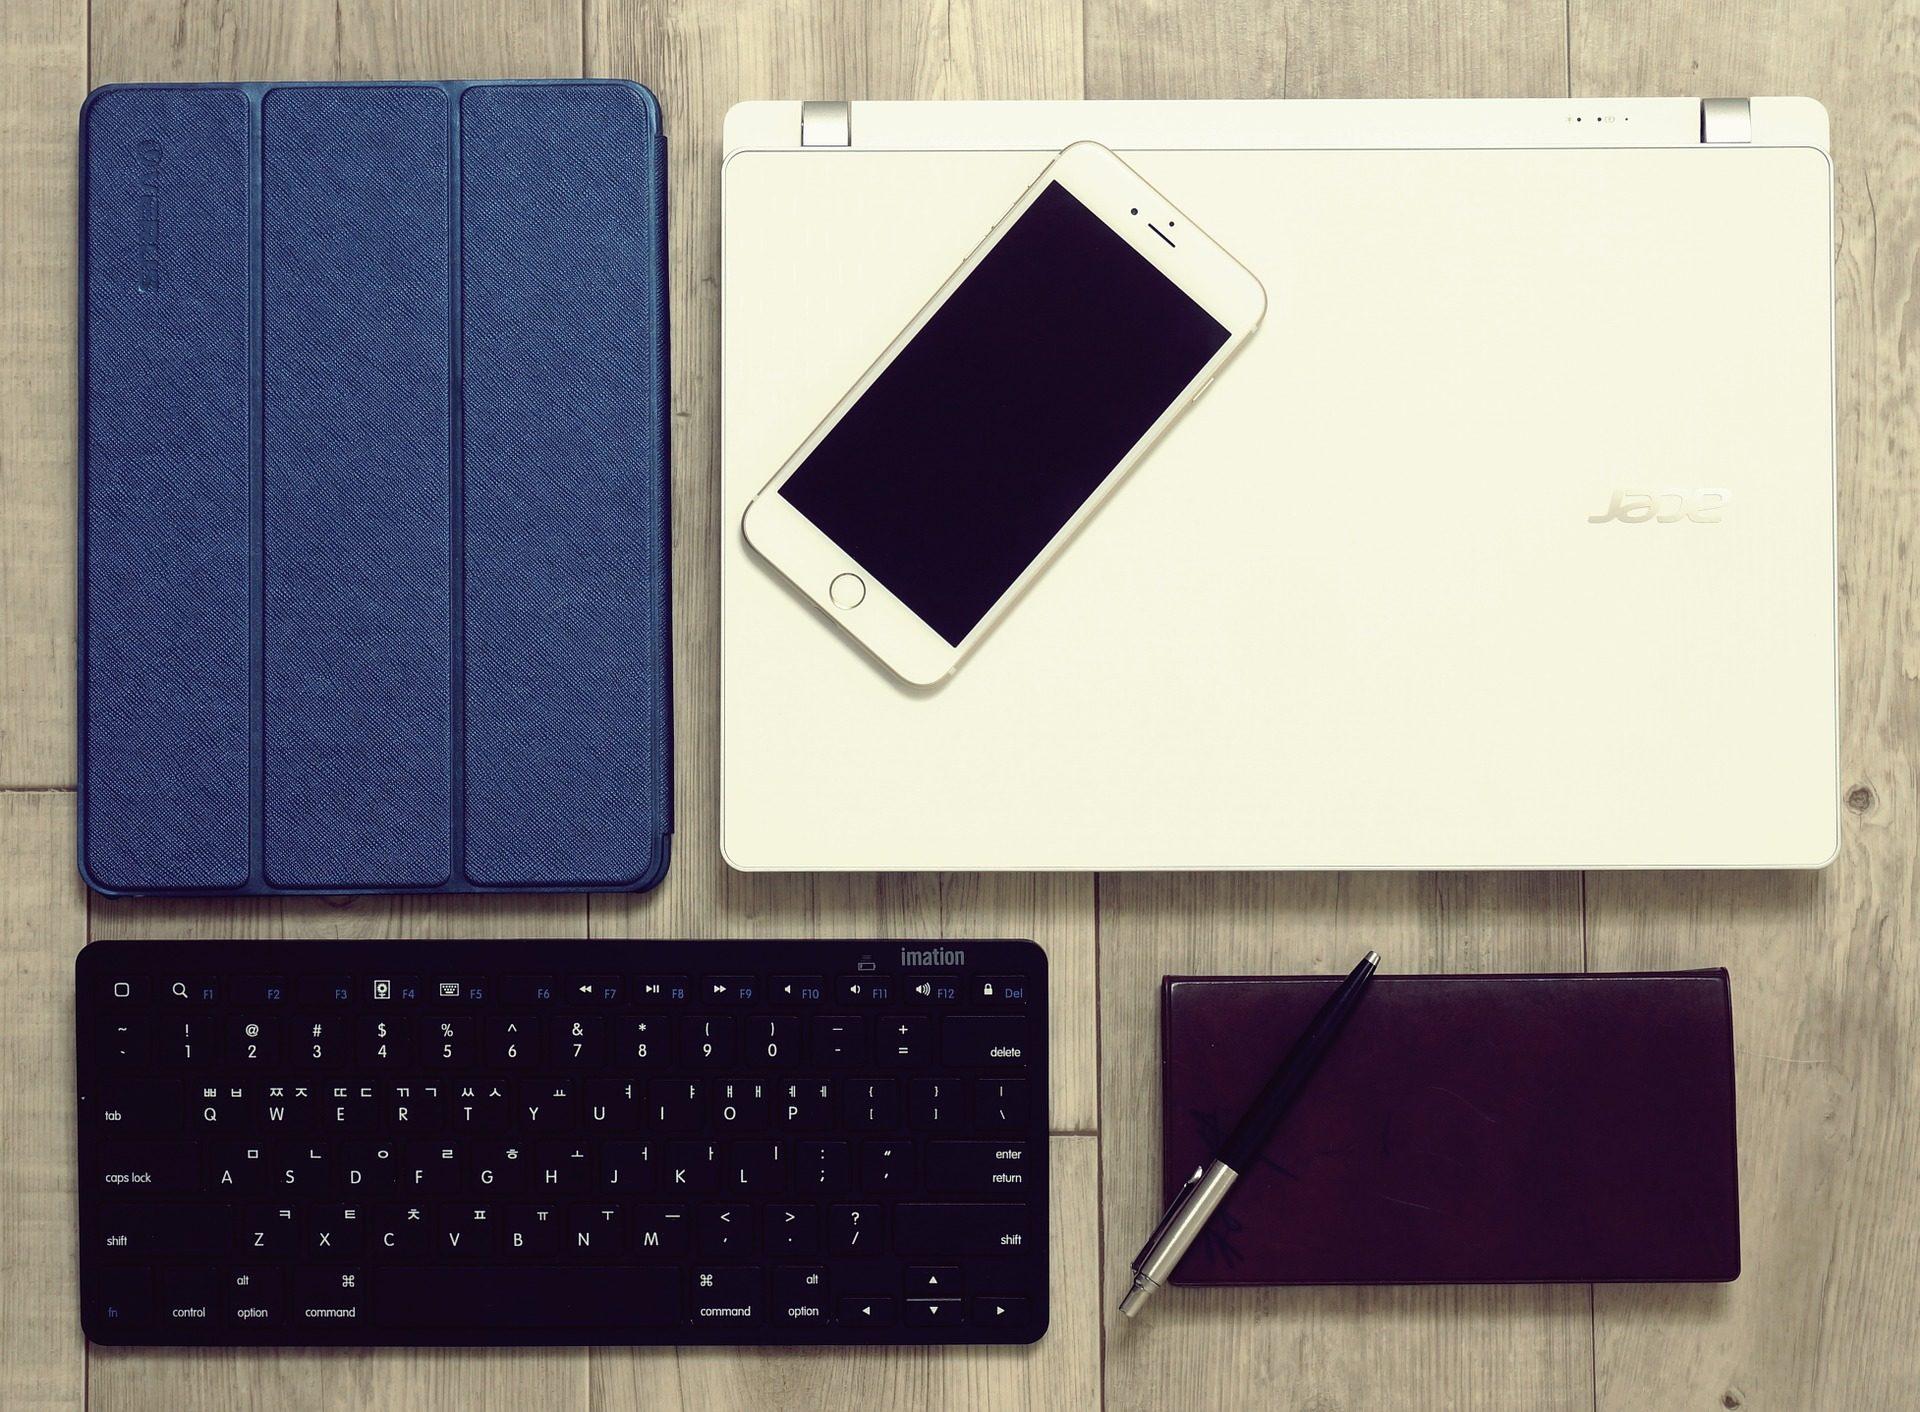 办公室, 计算机, 便携式, 电话, 移动, 键盘, 平板电脑, 业务 - 高清壁纸 - 教授-falken.com